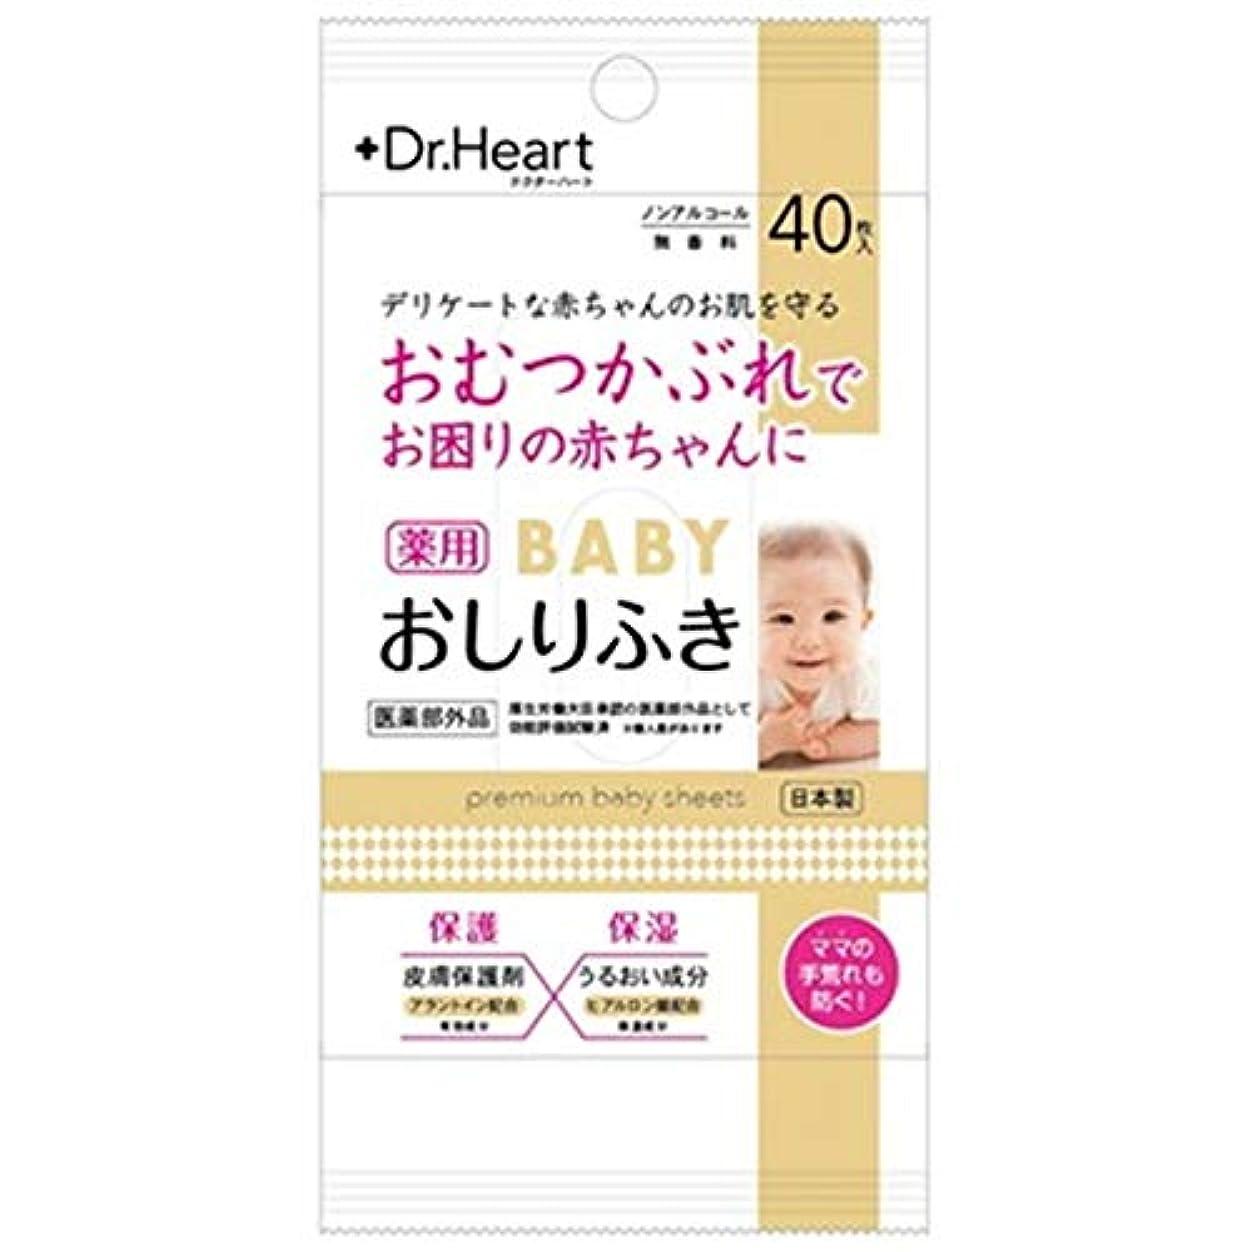 舌な服を着る有利【医薬部外品】Dr.Heart 薬用 赤ちゃんのおしりふき 携帯用 40枚【3個セット】